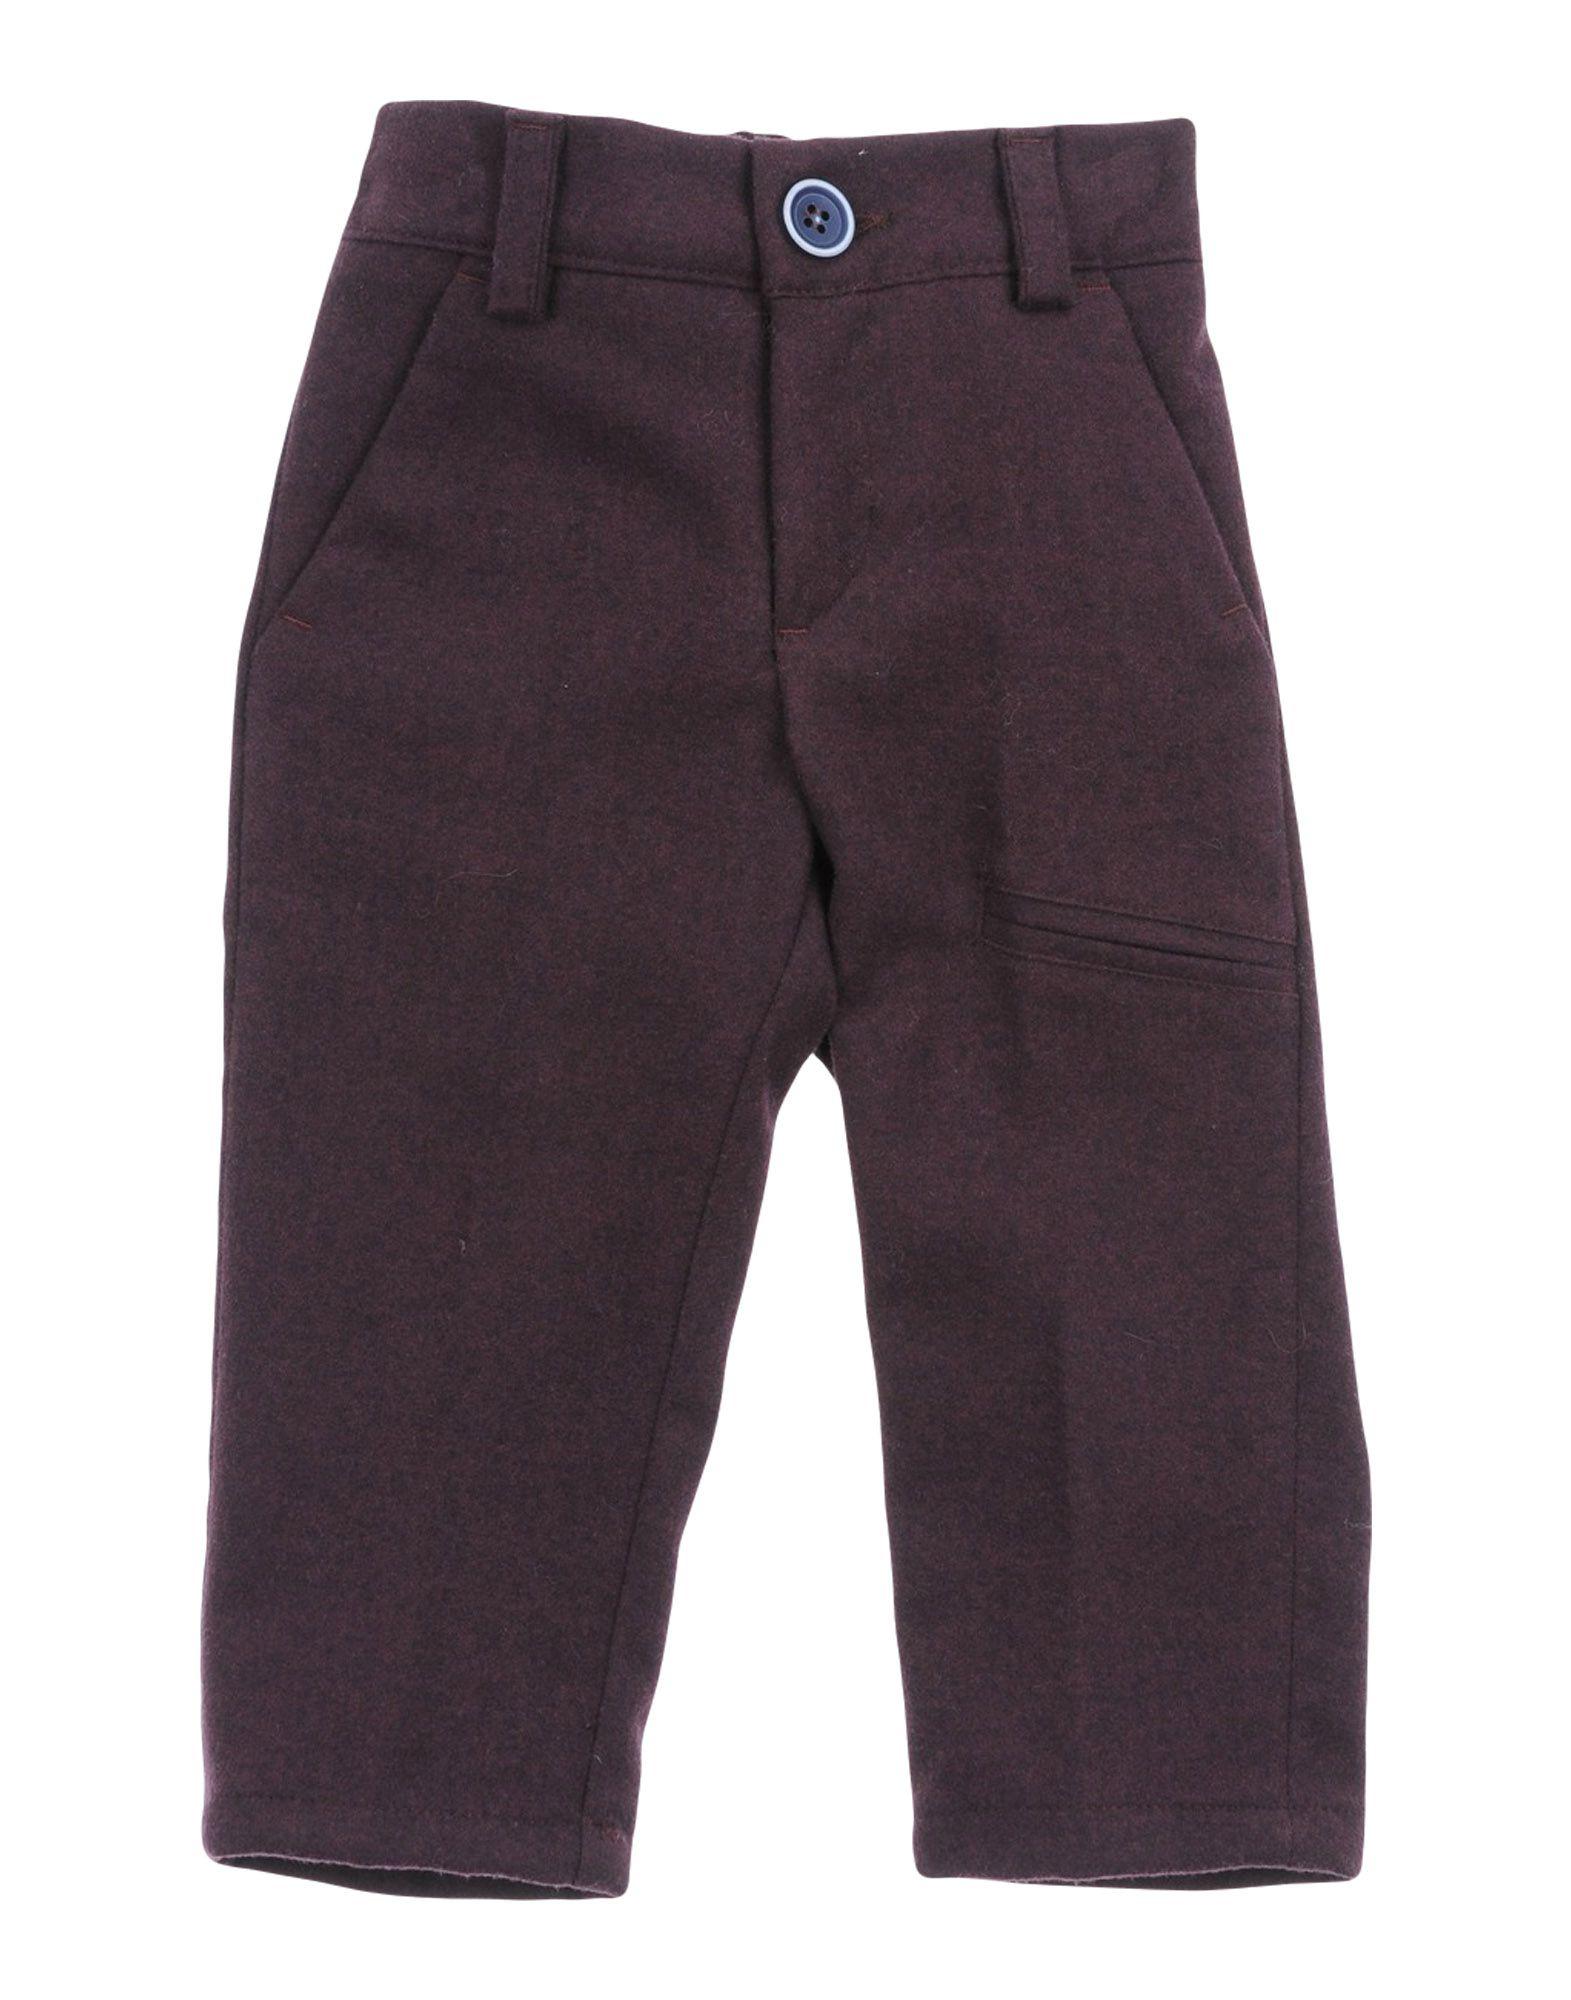 MANUELL & FRANK Повседневные брюки брюки frank ferry брюки